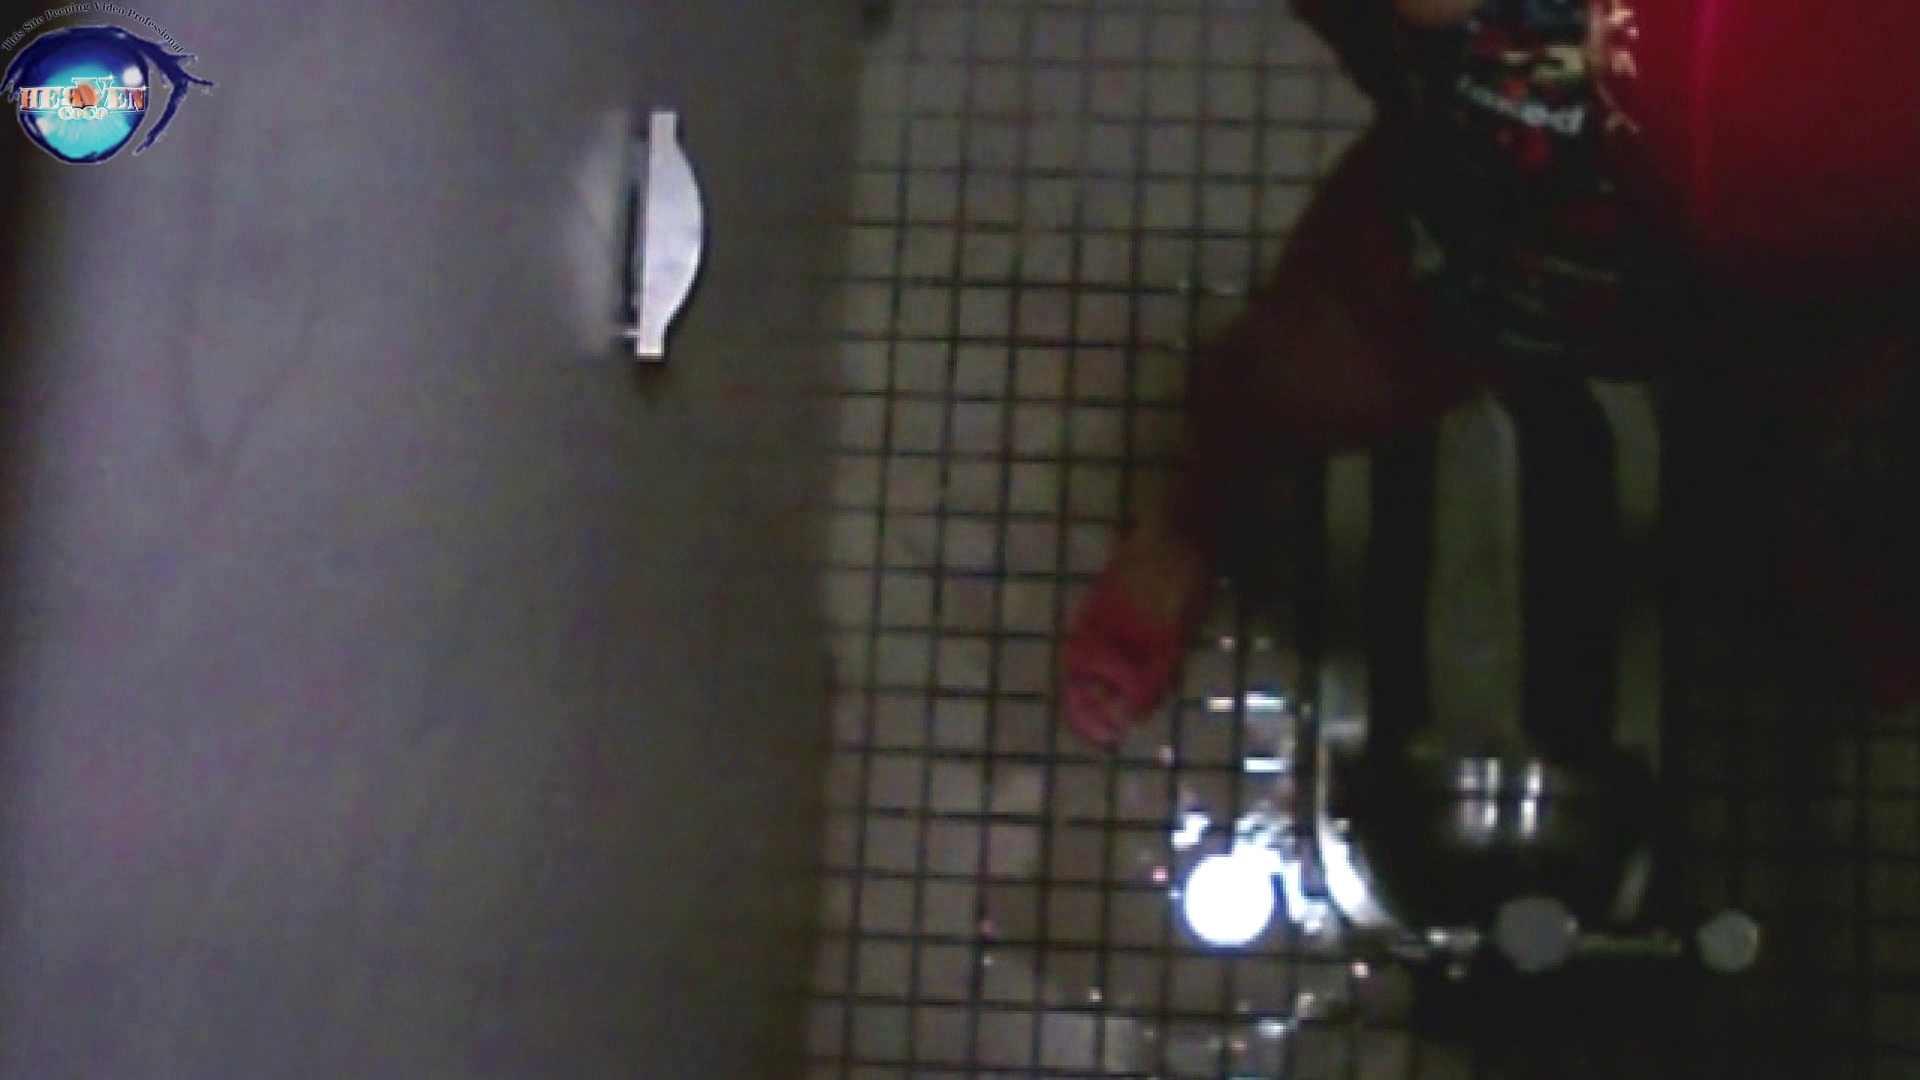 水泳大会選手の聖水 vol.16 トイレ オマンコ動画キャプチャ 92PIX 90